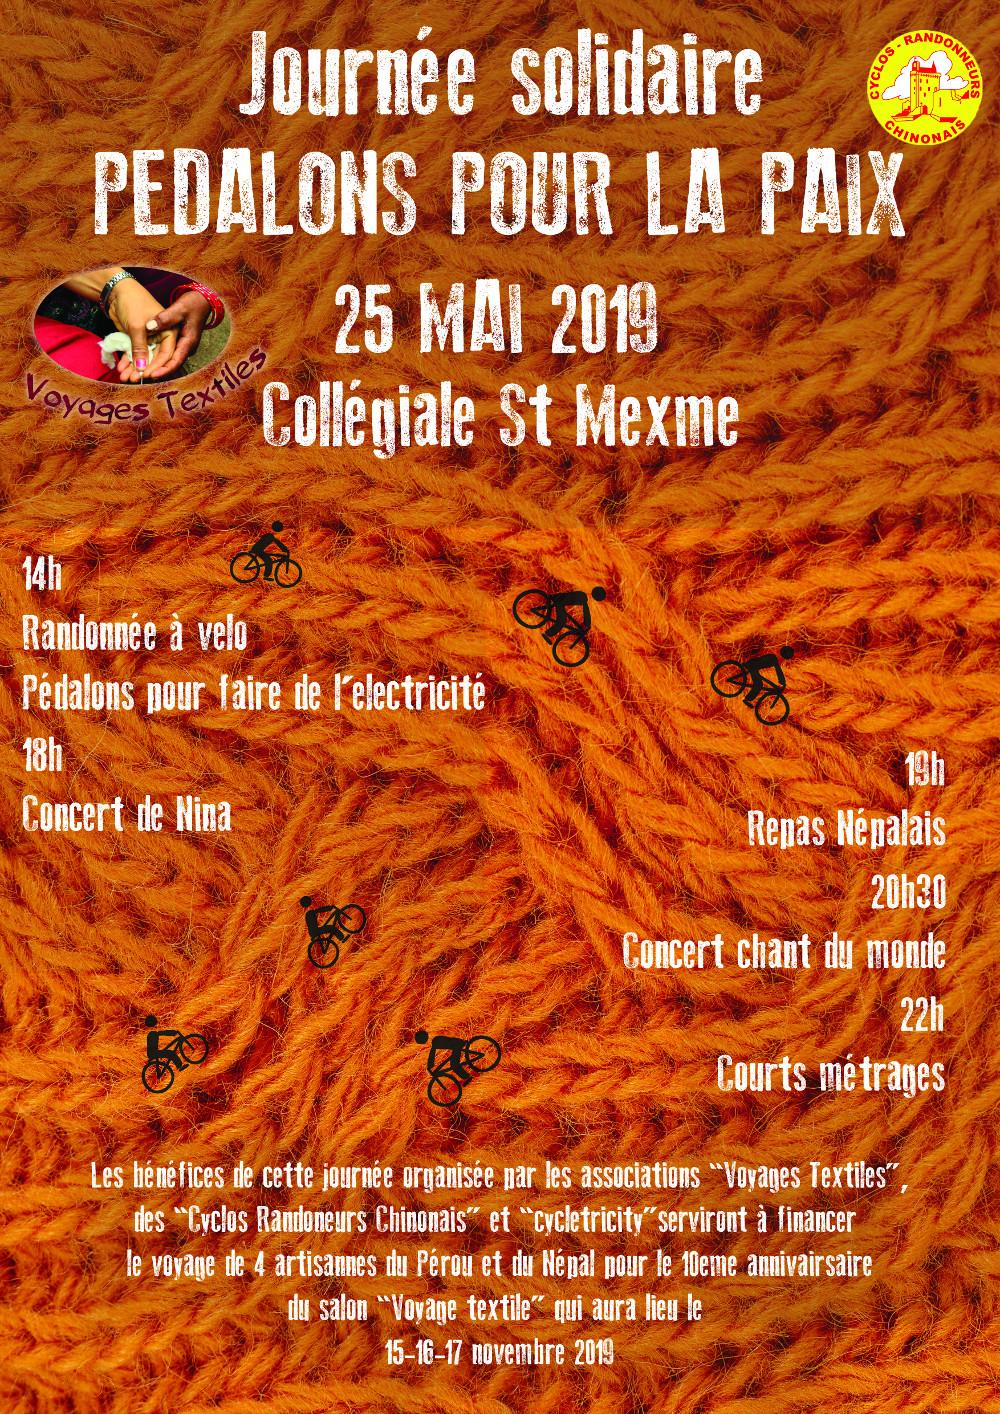 Flyer de la Journée solidaire « Pédalons pour la Paix », qui se déroule le samedi 25 mai 2019 à la Collégiale Saint-Mexme à Chinon